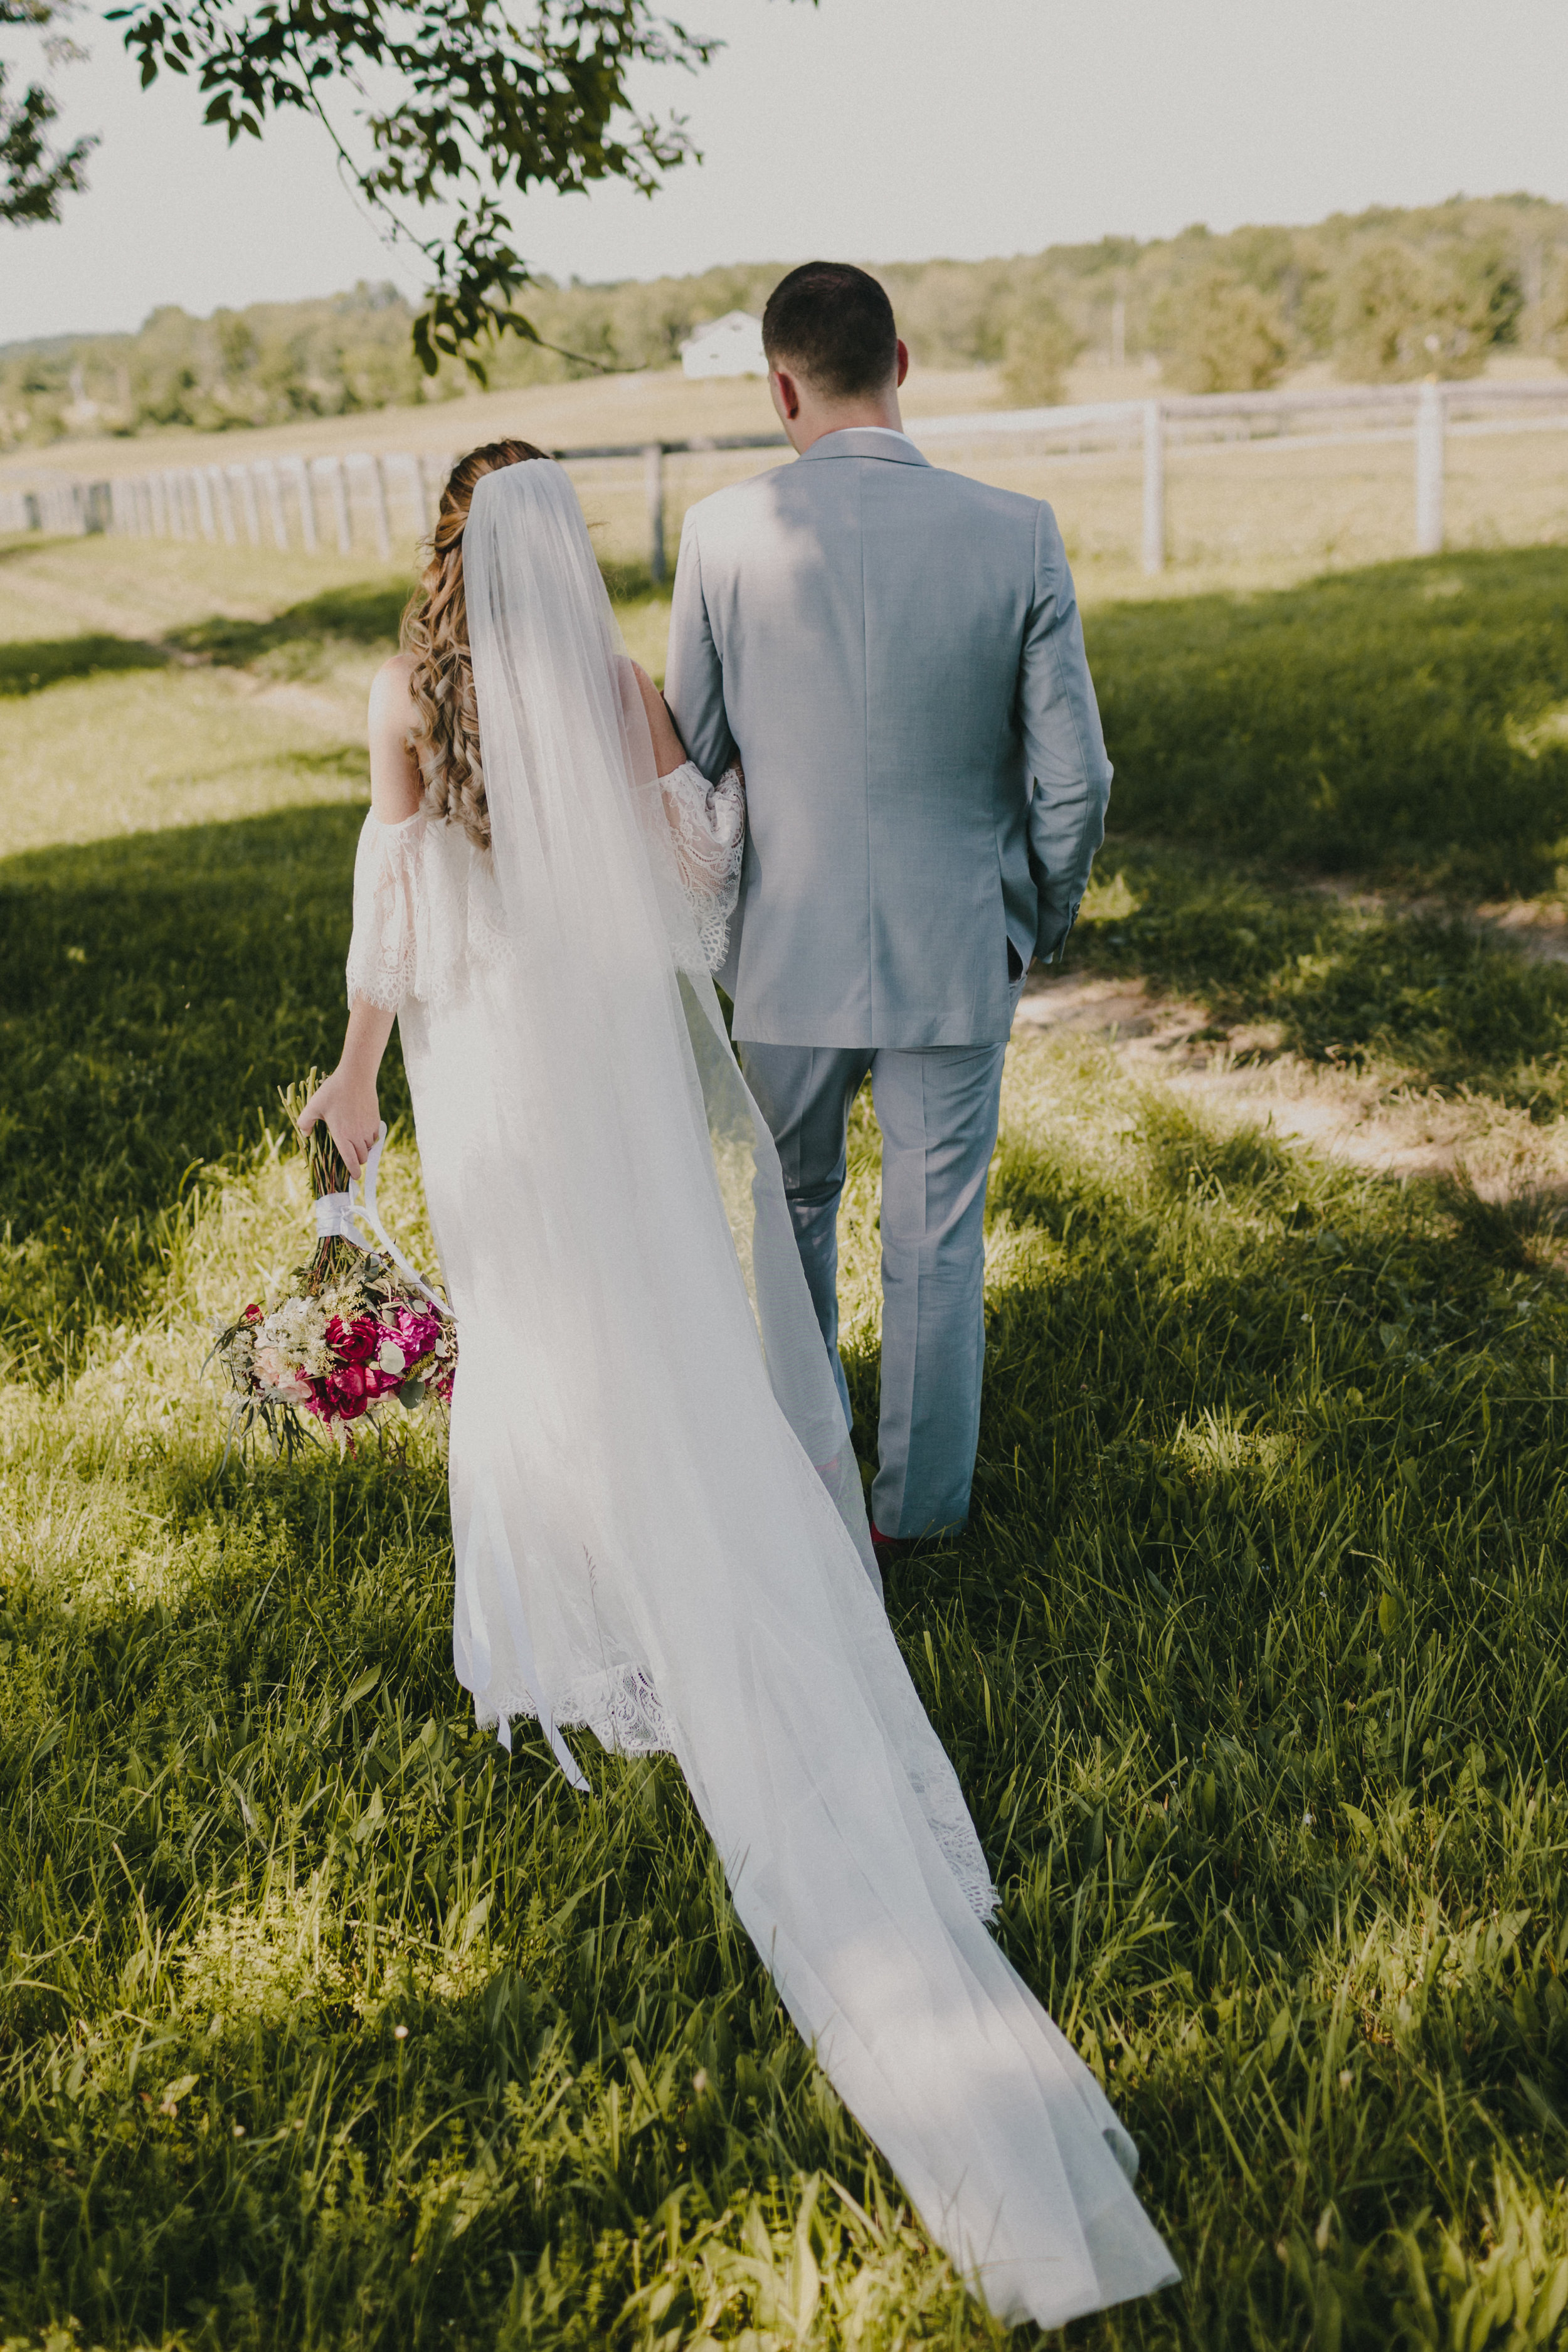 418-20180616-Amanda_Brett_Catskills_Summer_Boho_Wedding.jpg